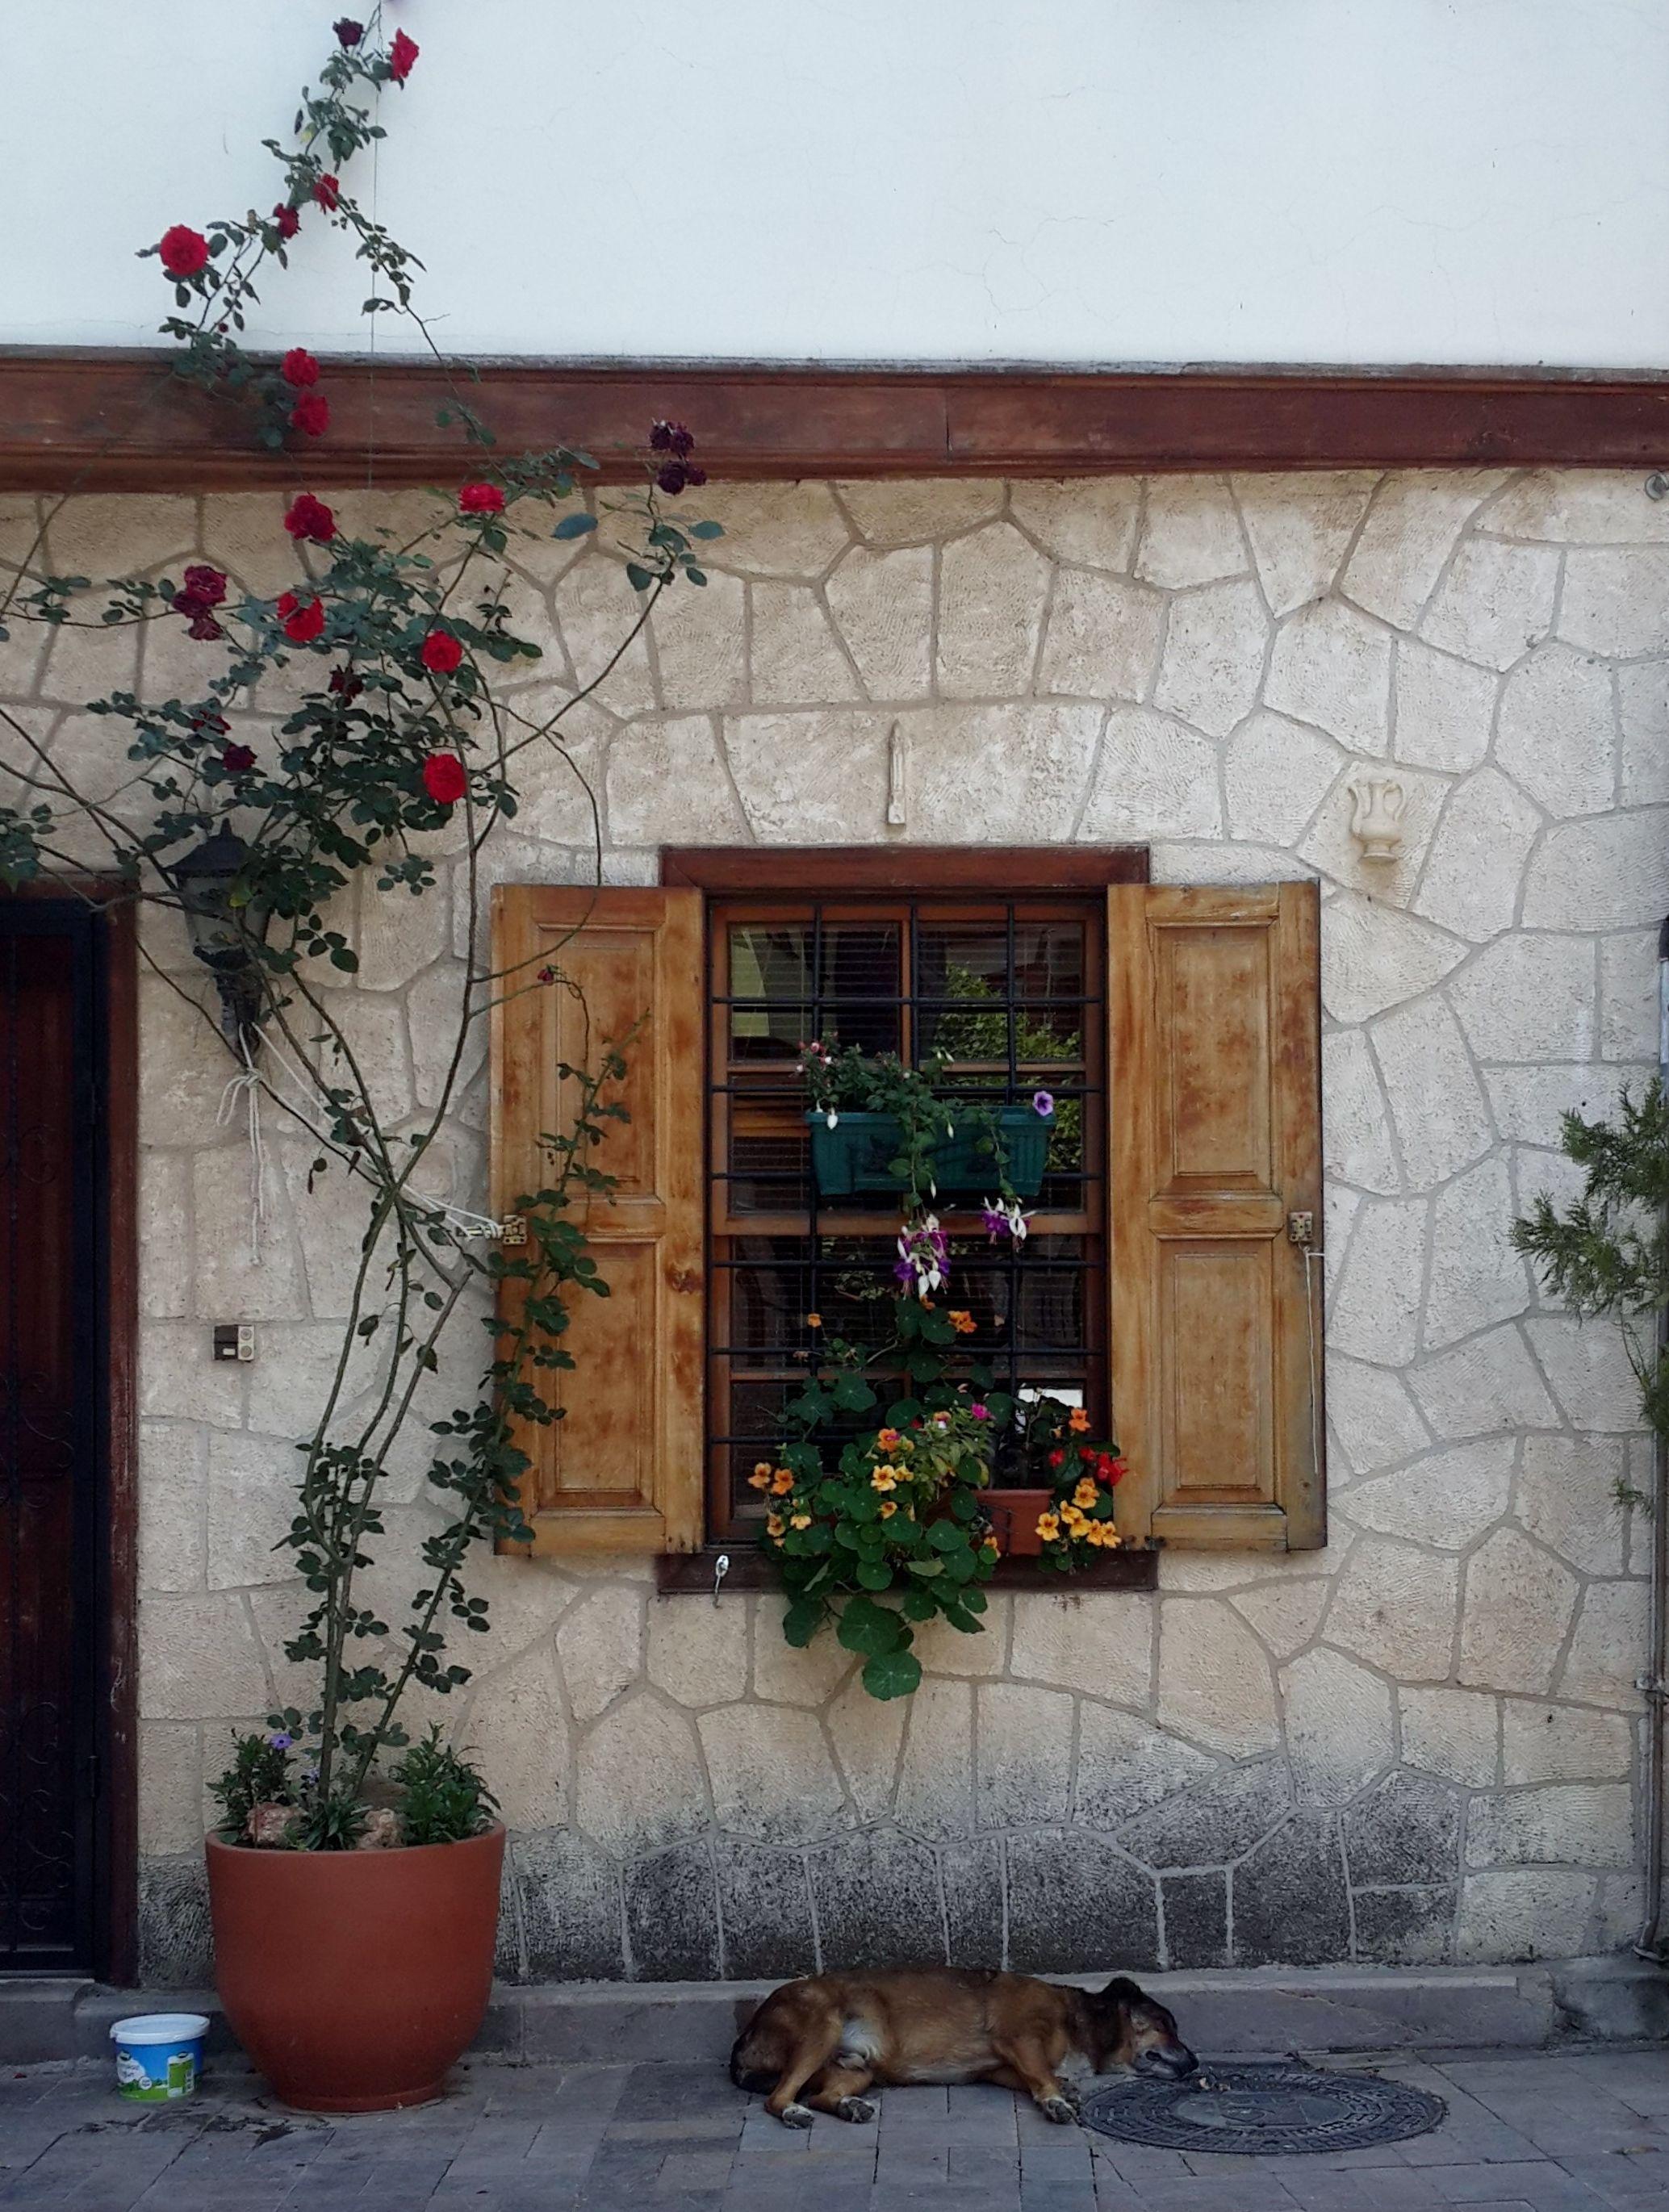 Antalya Kale Ici House Roses